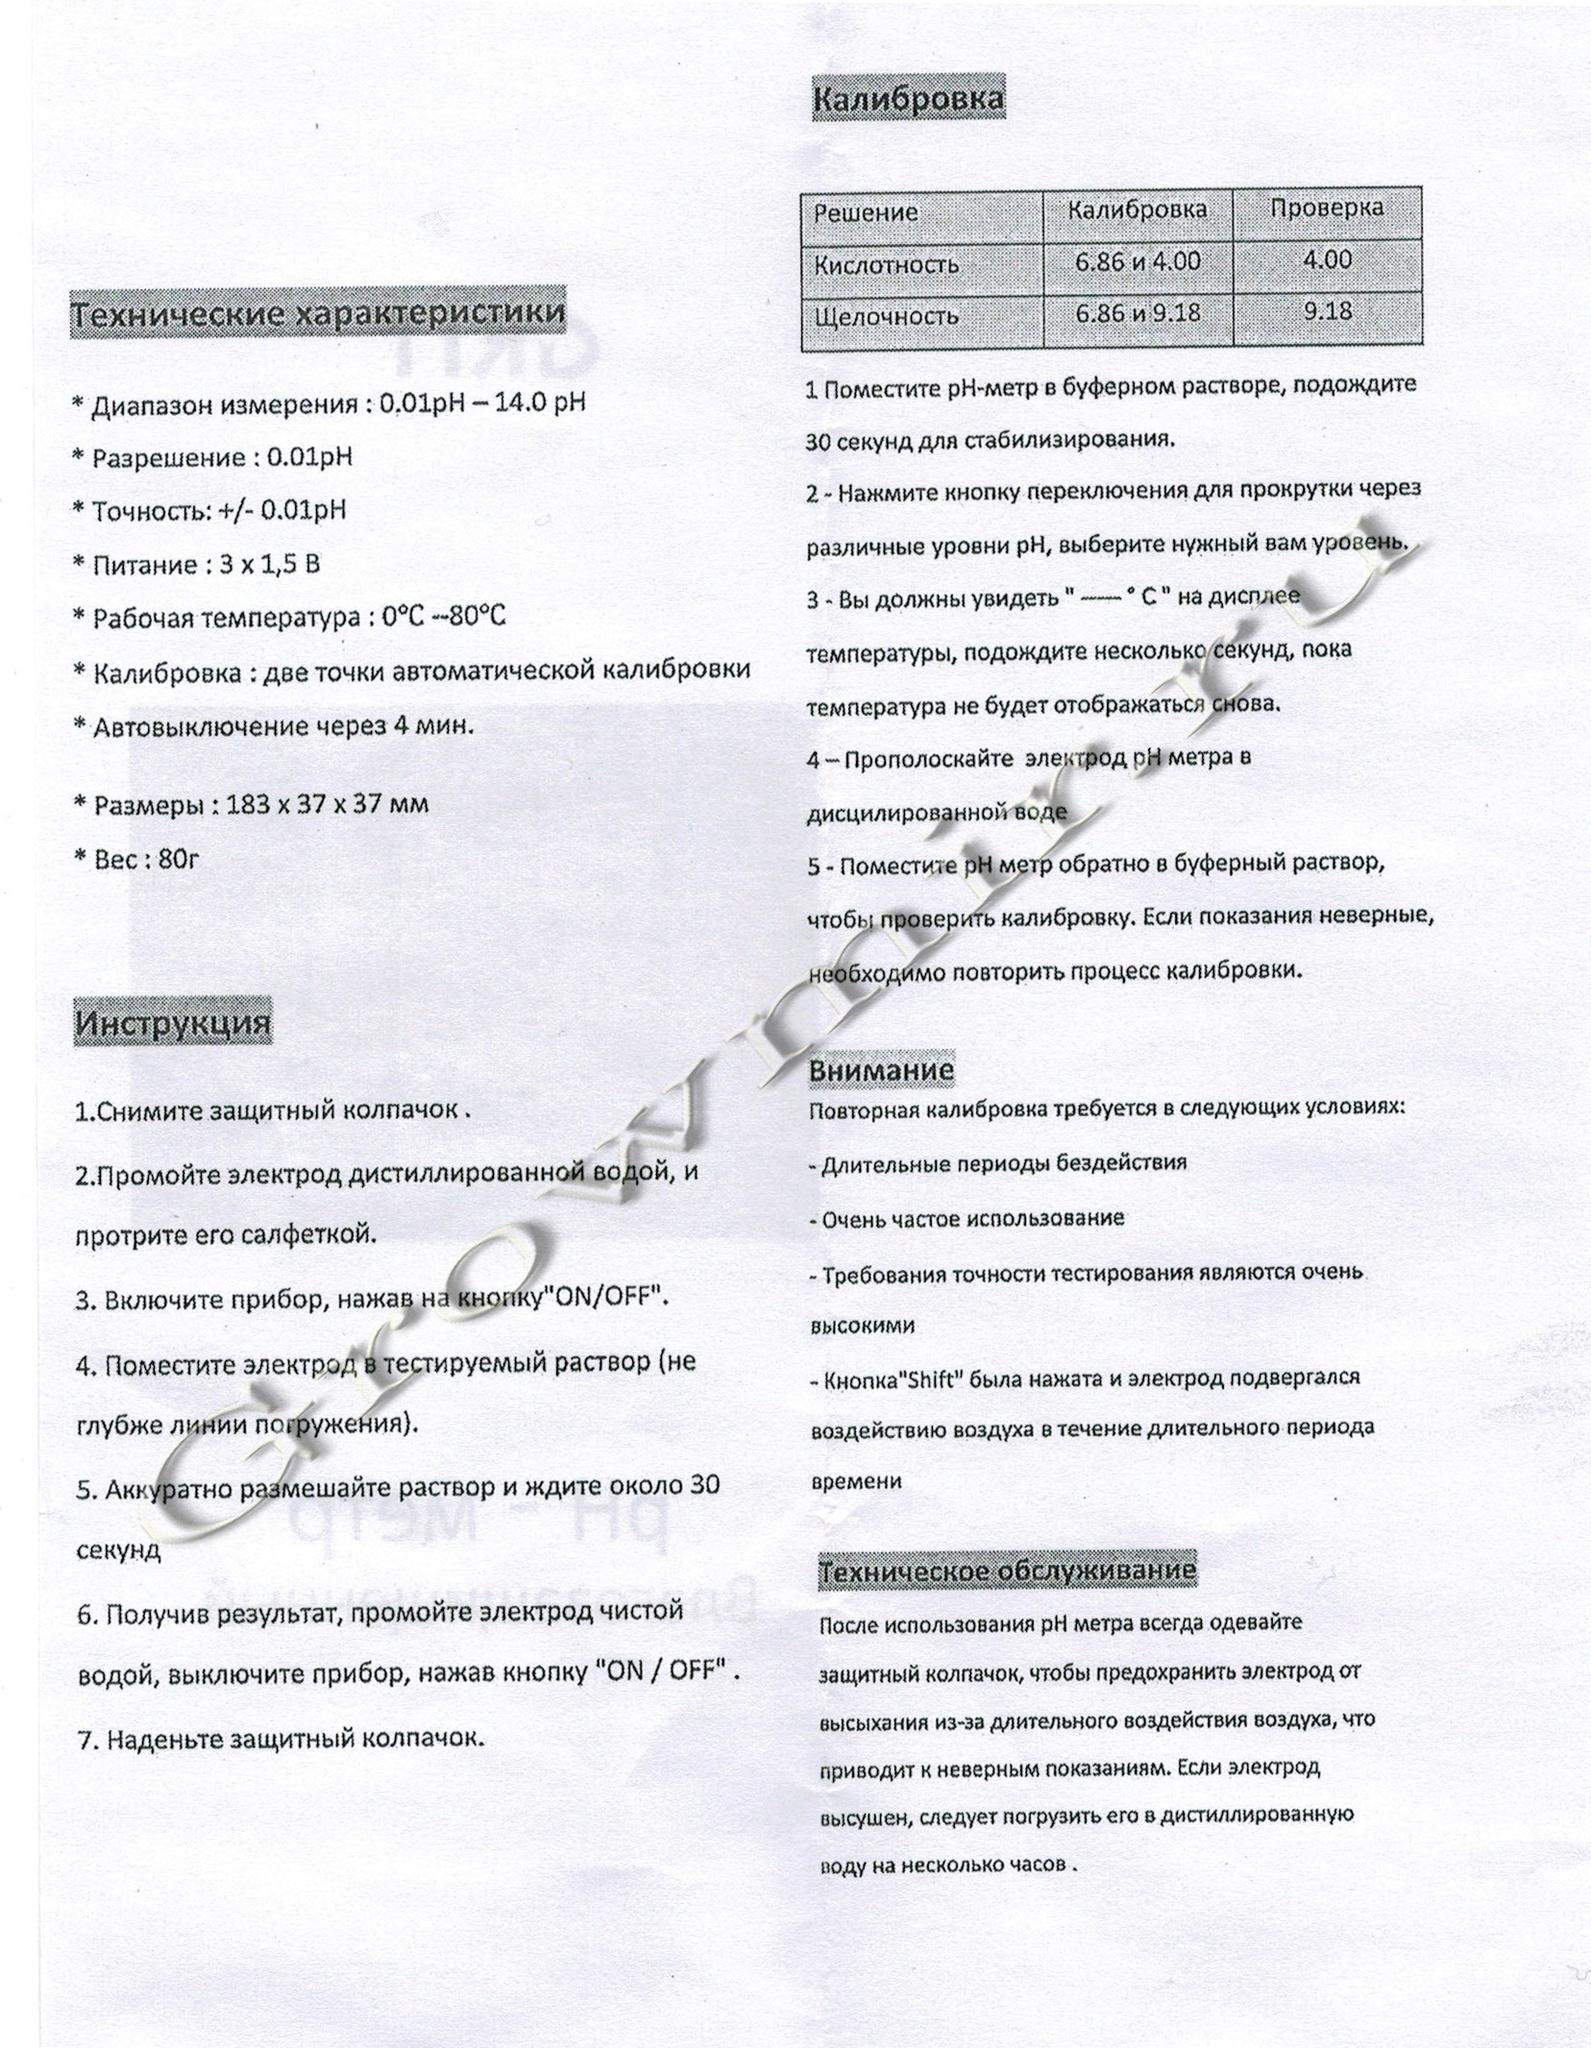 Инструкция pH-метр Grit Влагозащищенный